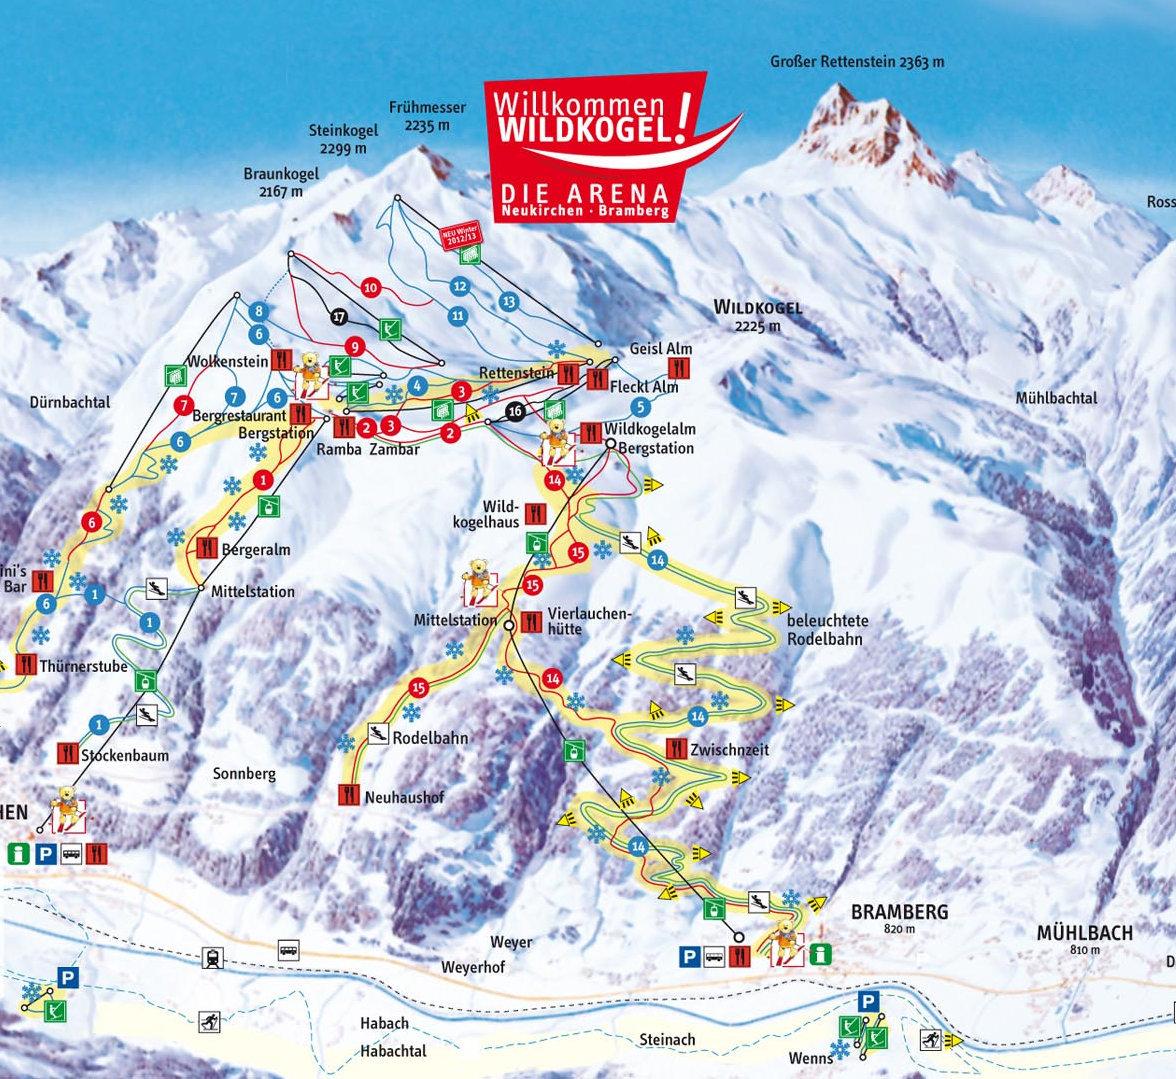 Lyžařská mapa sjezdovek areálu Wildkogel Arena